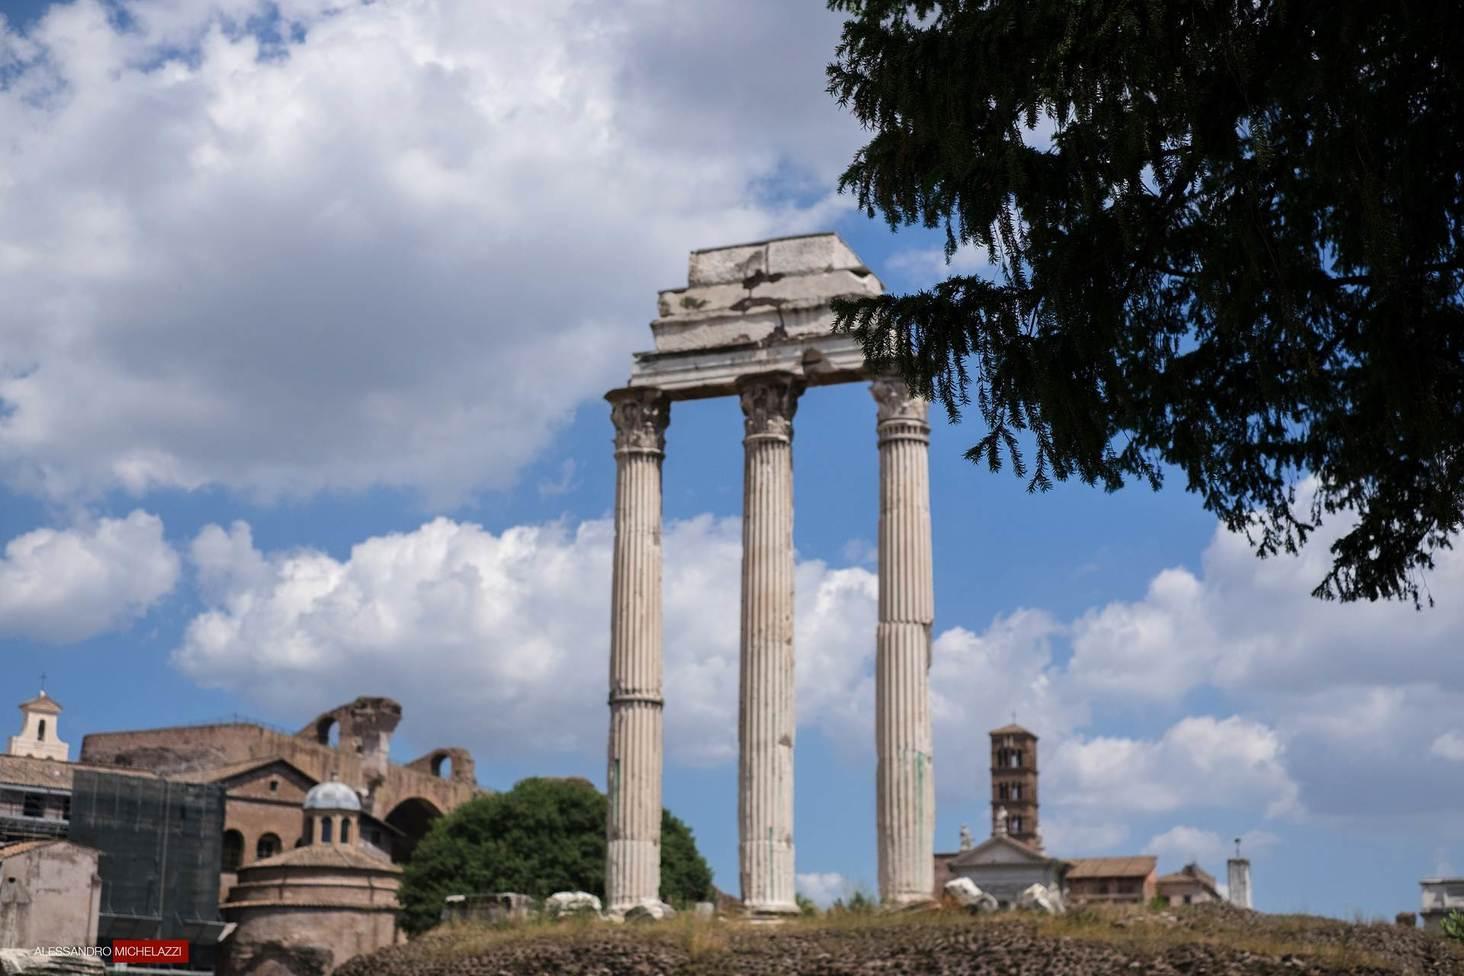 Alessandro-Michelazzi-Photography-Rome-Italy-16